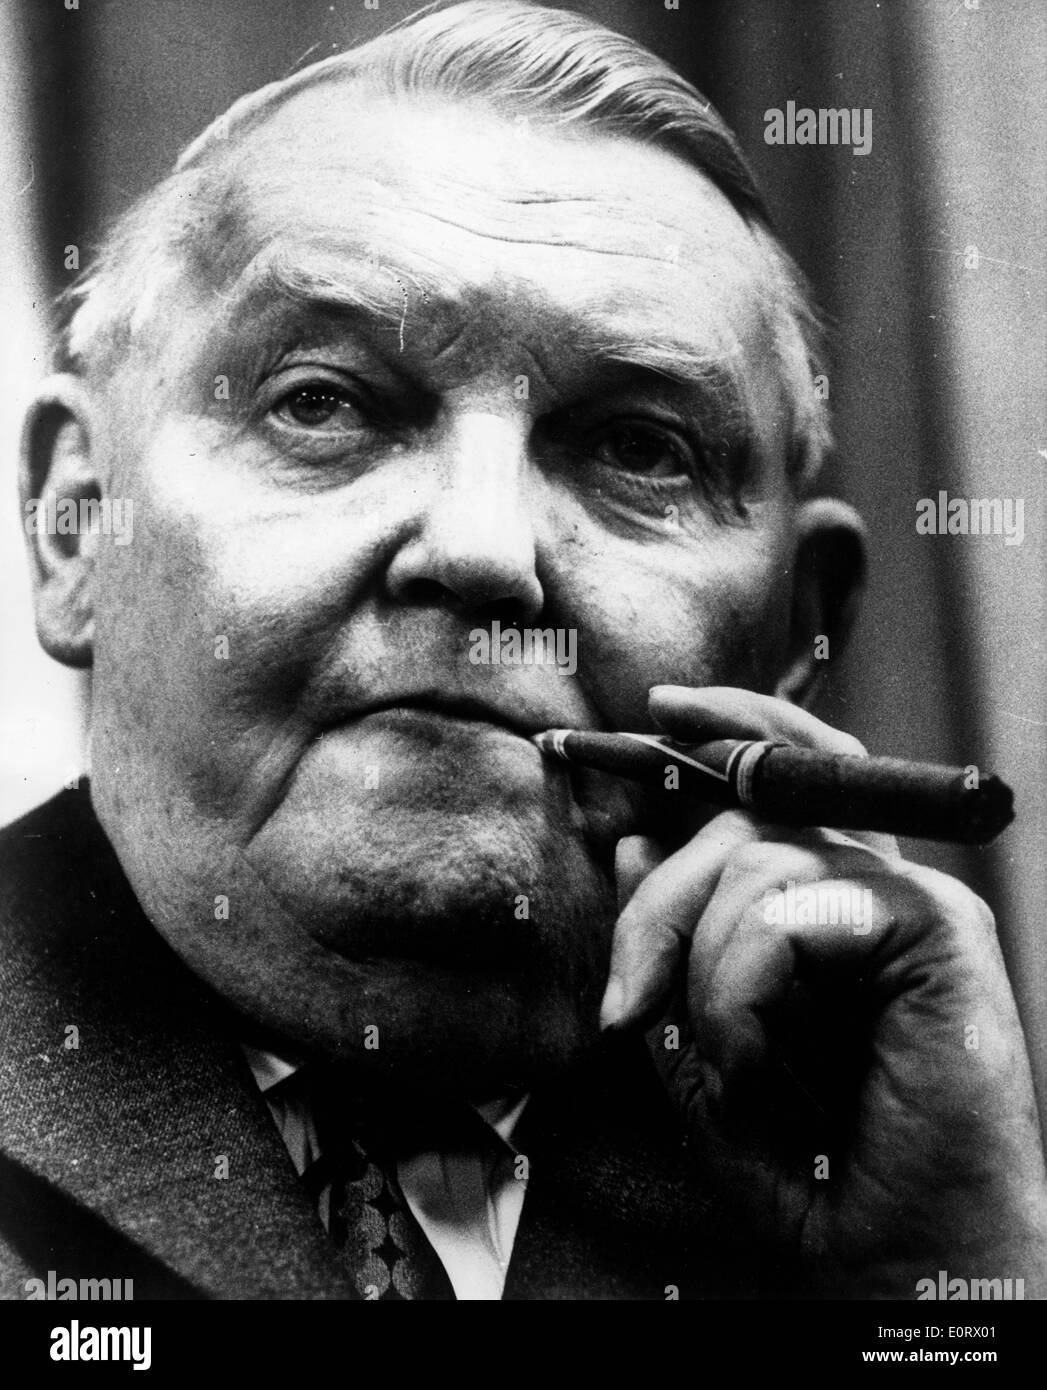 Ludwig Erhard smoking a cigar - Stock Image